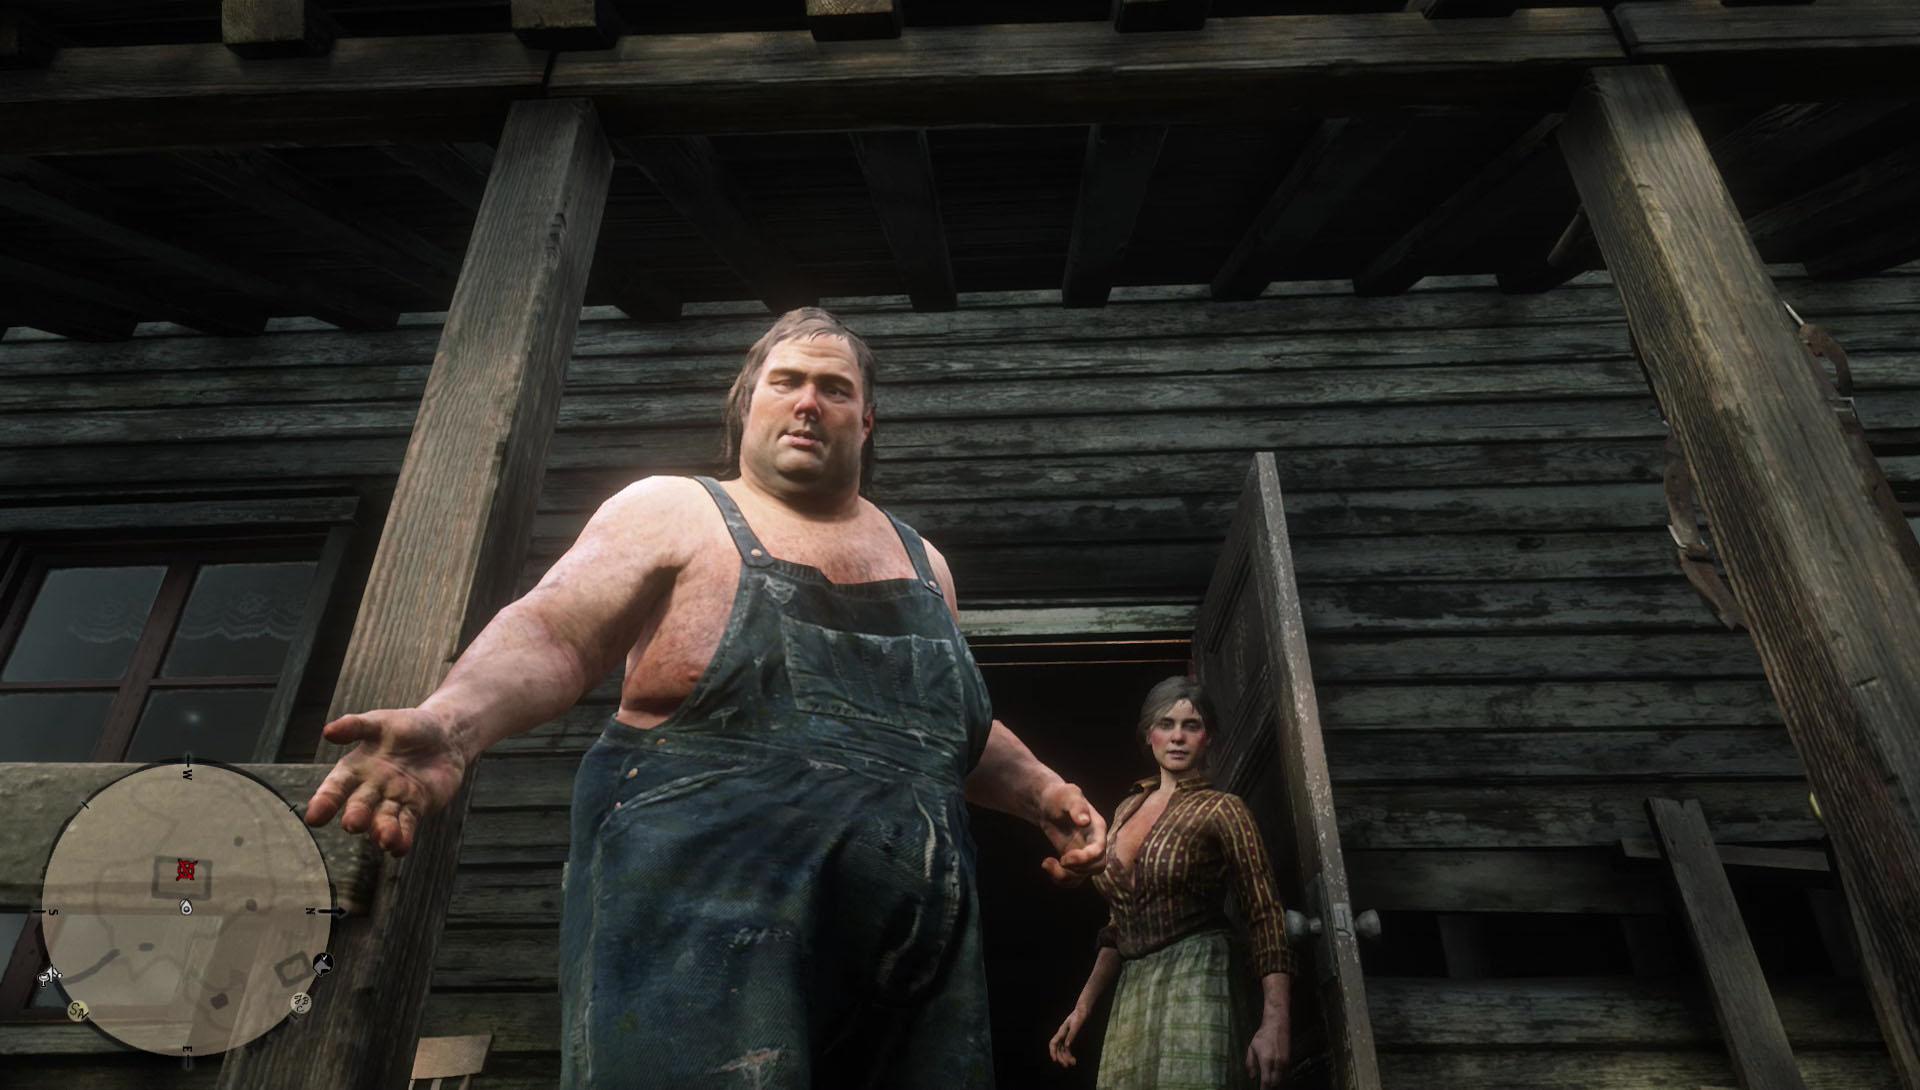 That fat ass farm girls opinion